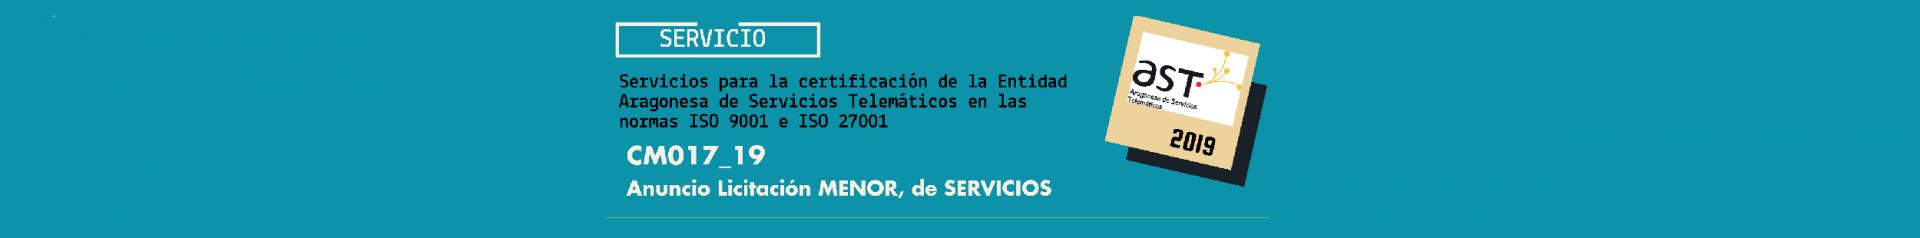 Imagen de licitación CM017_19